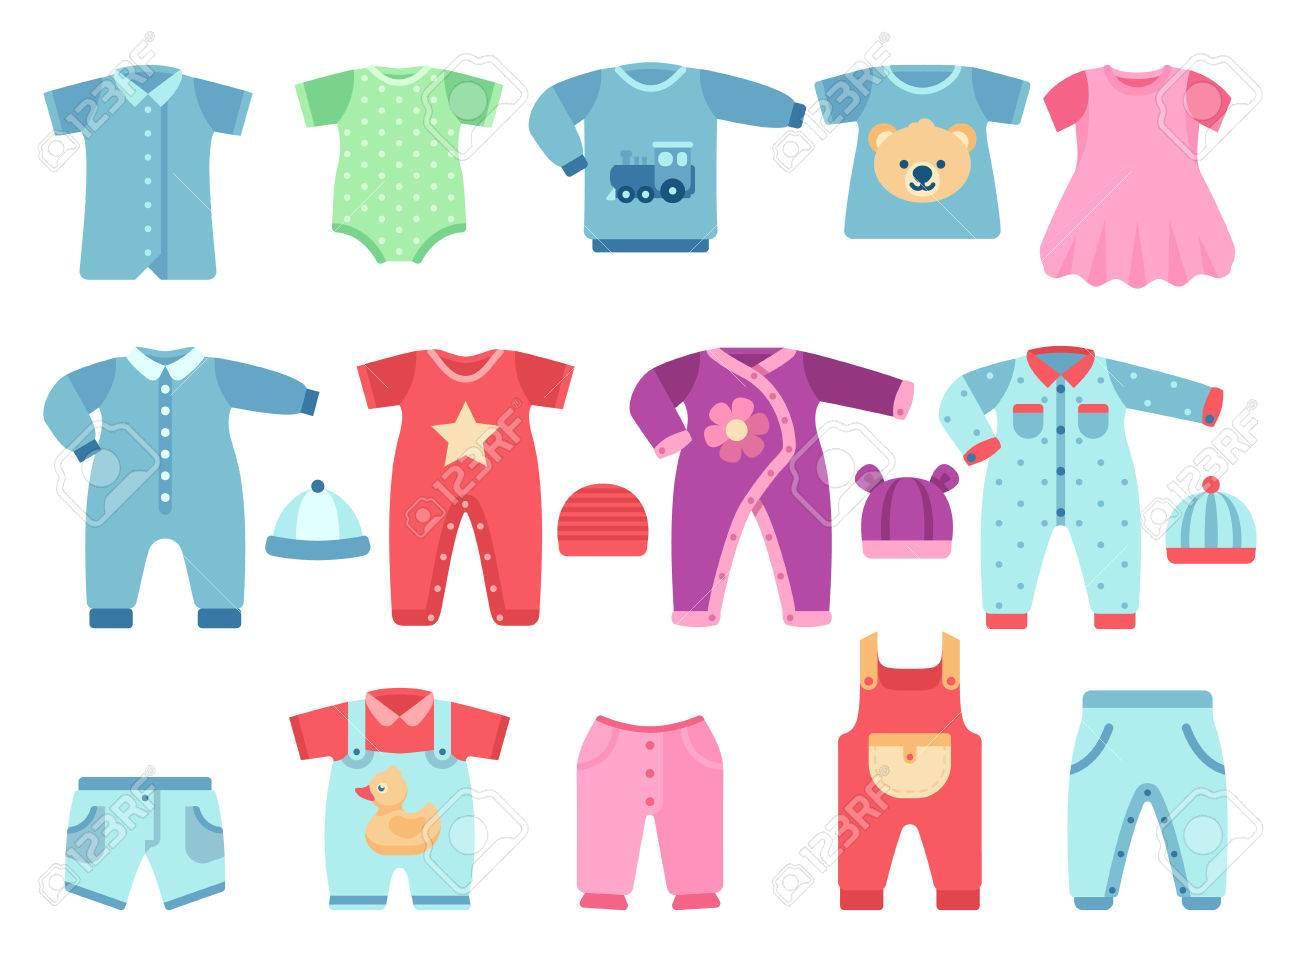 Niño Y Niña Bebé Prendas De Vestir Ropa De Vector Infantil Ropa Niño Vestido De Bebé Y Traje Ilustración